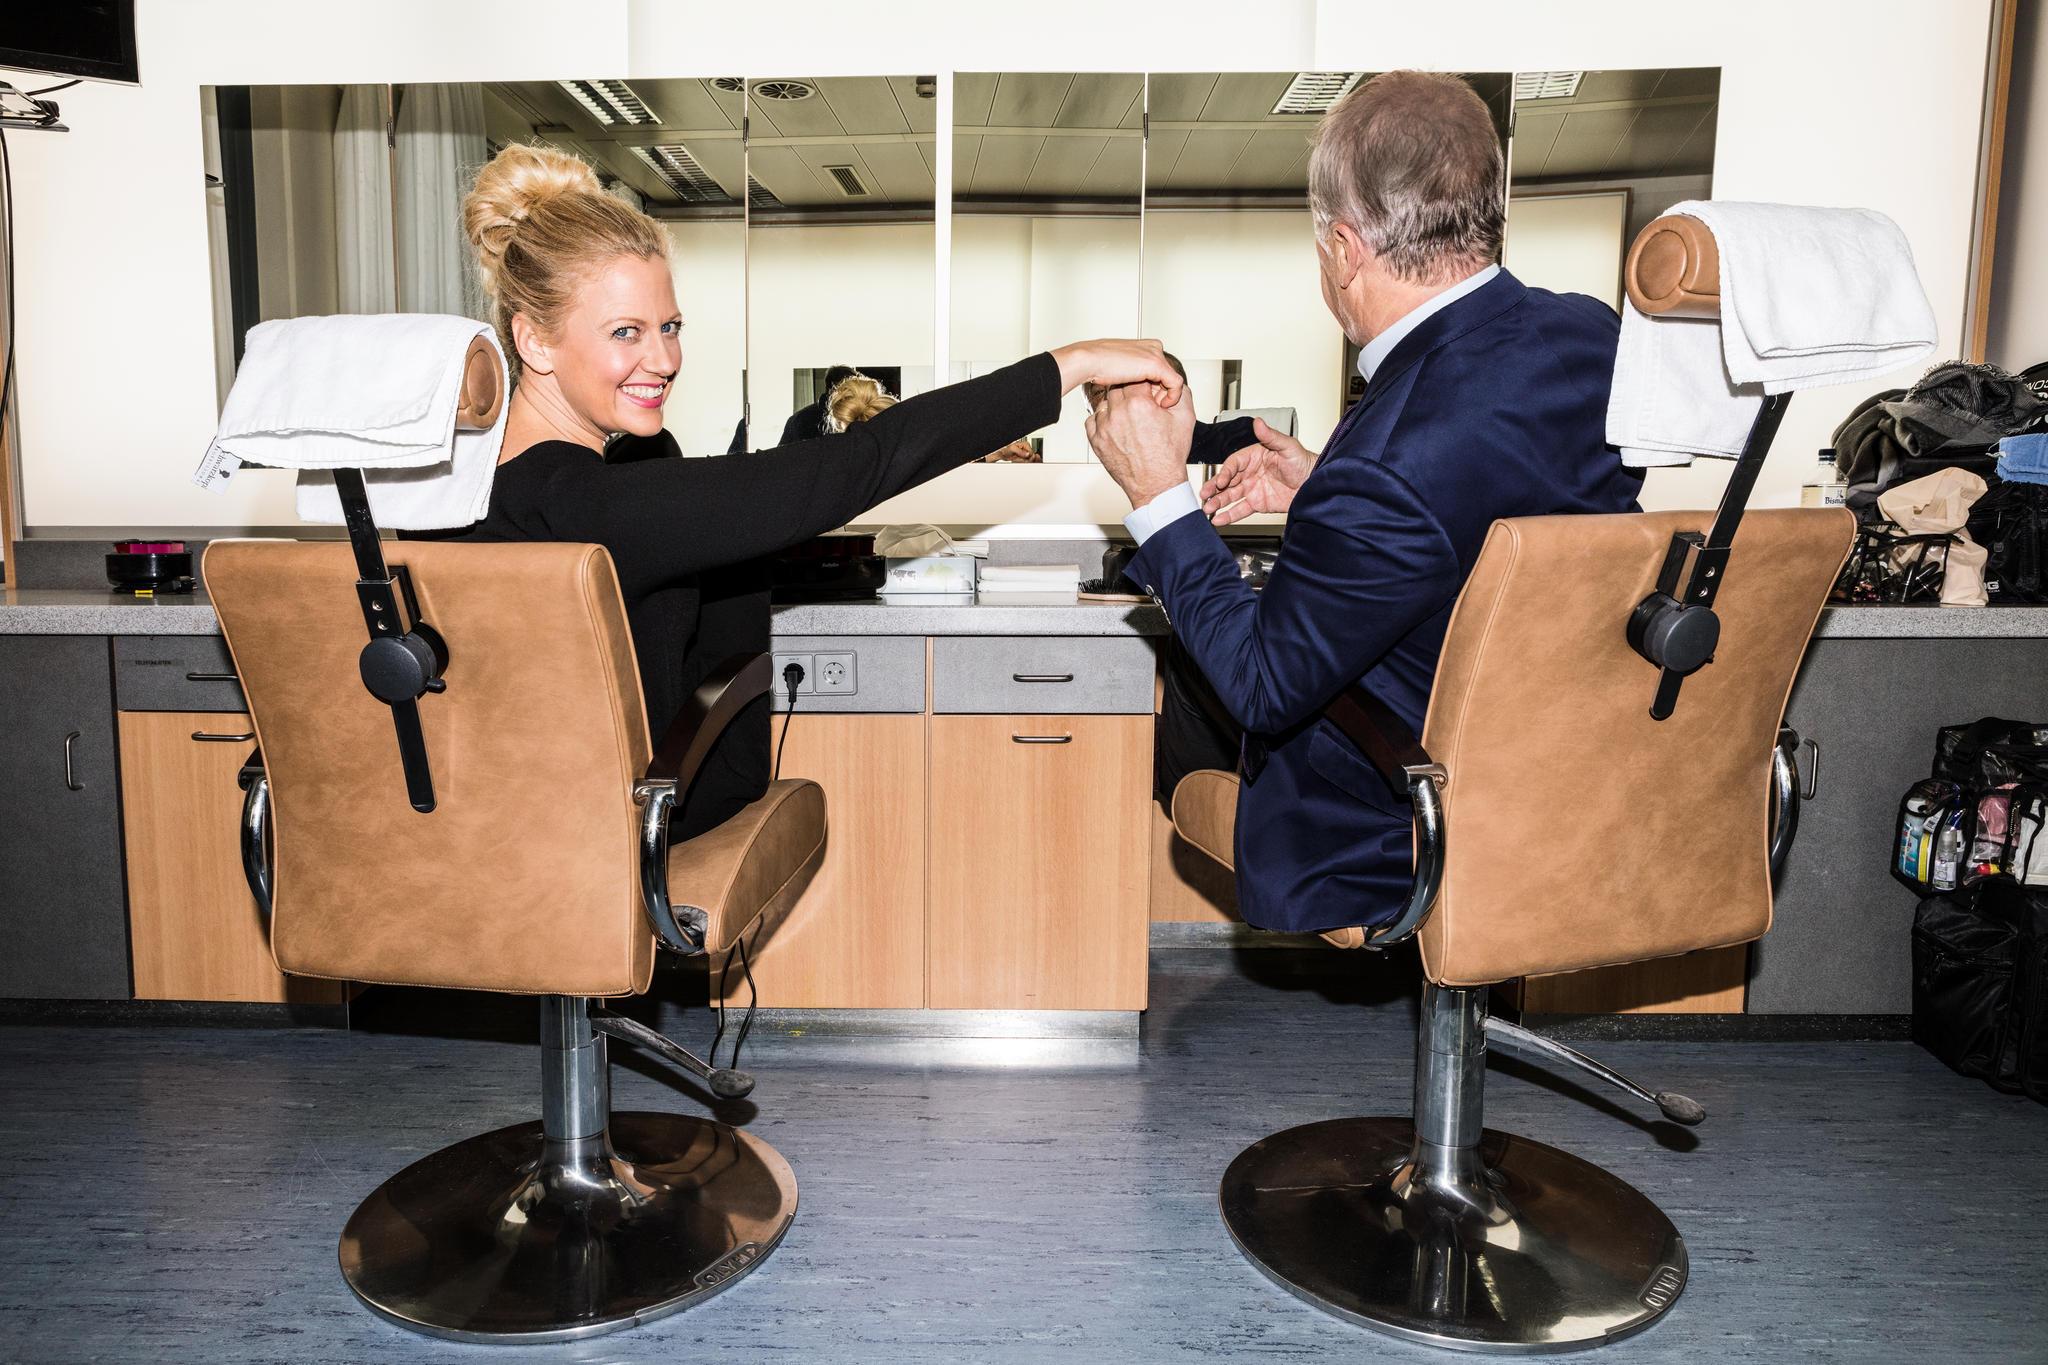 Fertig zum Abflug! Sieht aus wie im Cockpit, ist aber die Maske beim NDR: Hier werden die Moderatoren für ihre Show gestylt